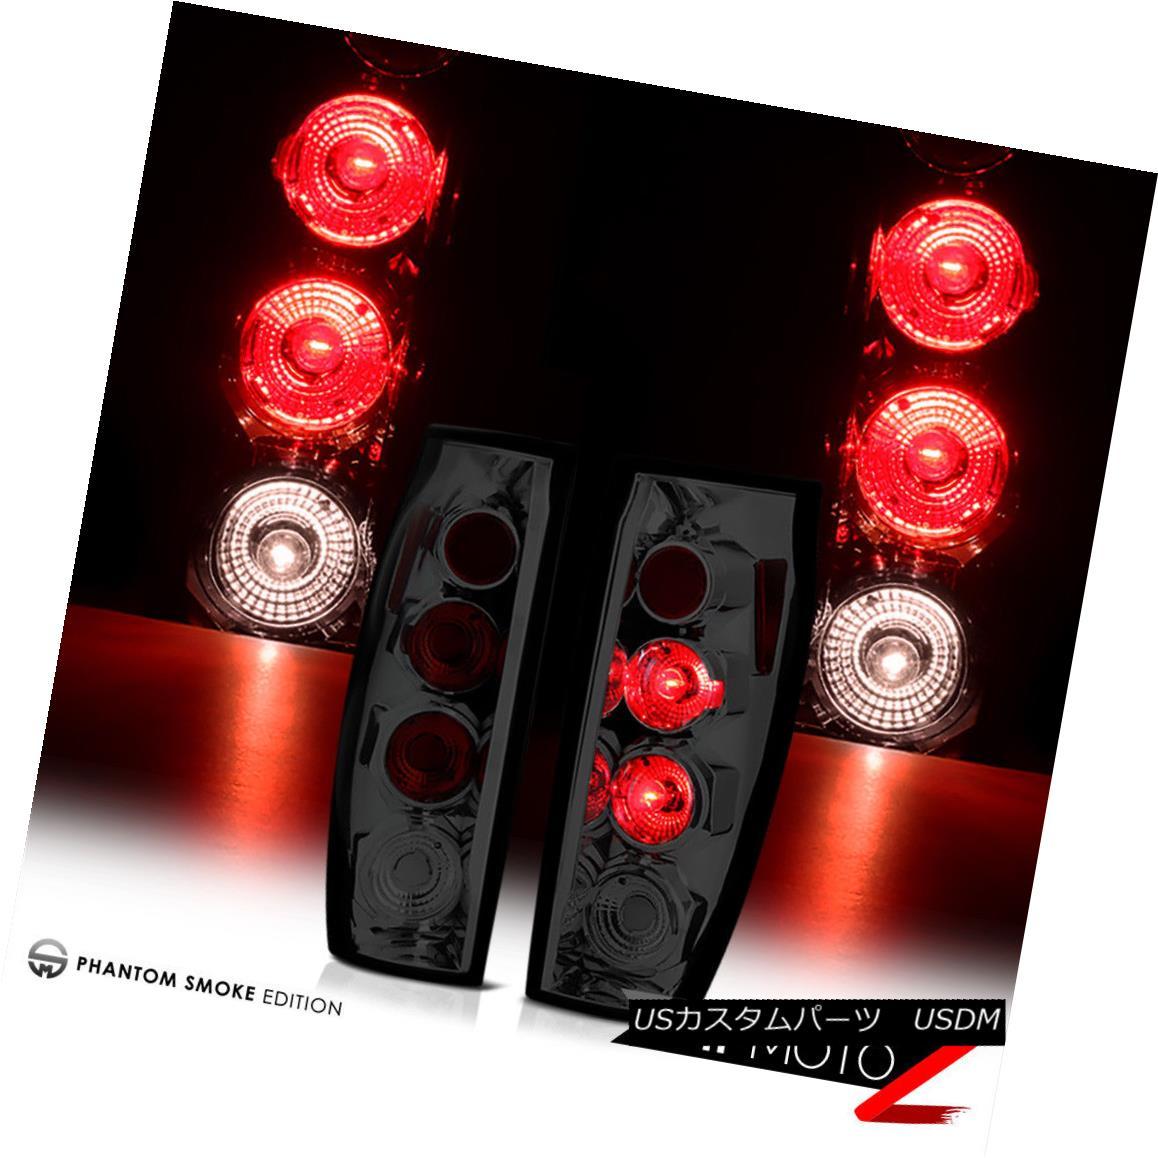 テールライト 2002-2006 Chevy Avalanche 1500 2500 [SMOKE] Rear Brake Lamp Taillight LEFT+RIGHT 2002-2006シボレーアバランチ1500 2500 [SMOKE]リアブレーキランプテールライトLEFT + RIGHT